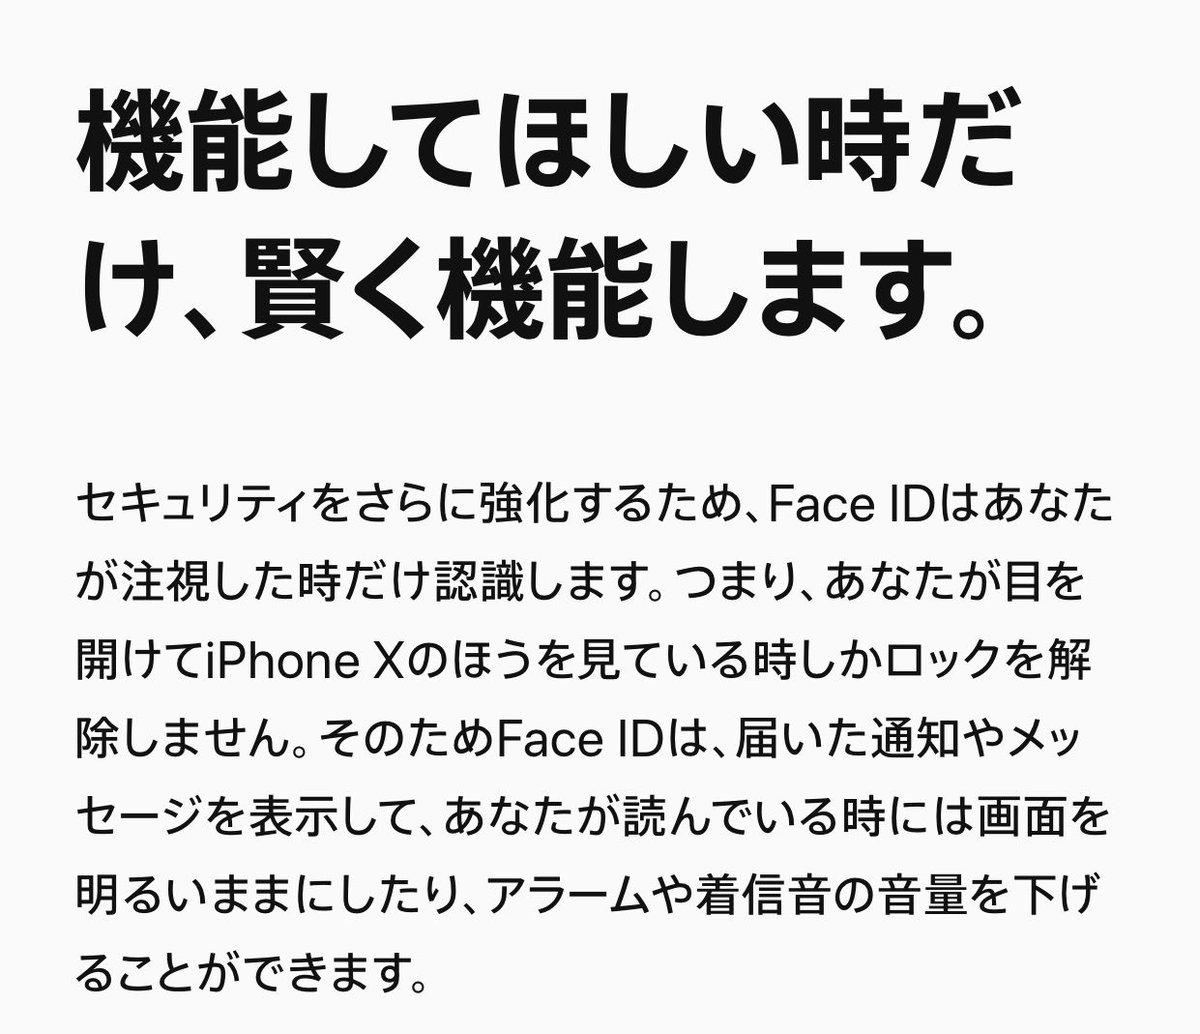 「iPhone Xは寝顔で認証を外されてしまう!」とかいうのを見るたびに、誰も公式サイト見てないんだなという気持ちになる https://t.co/oq4AcmNBRj